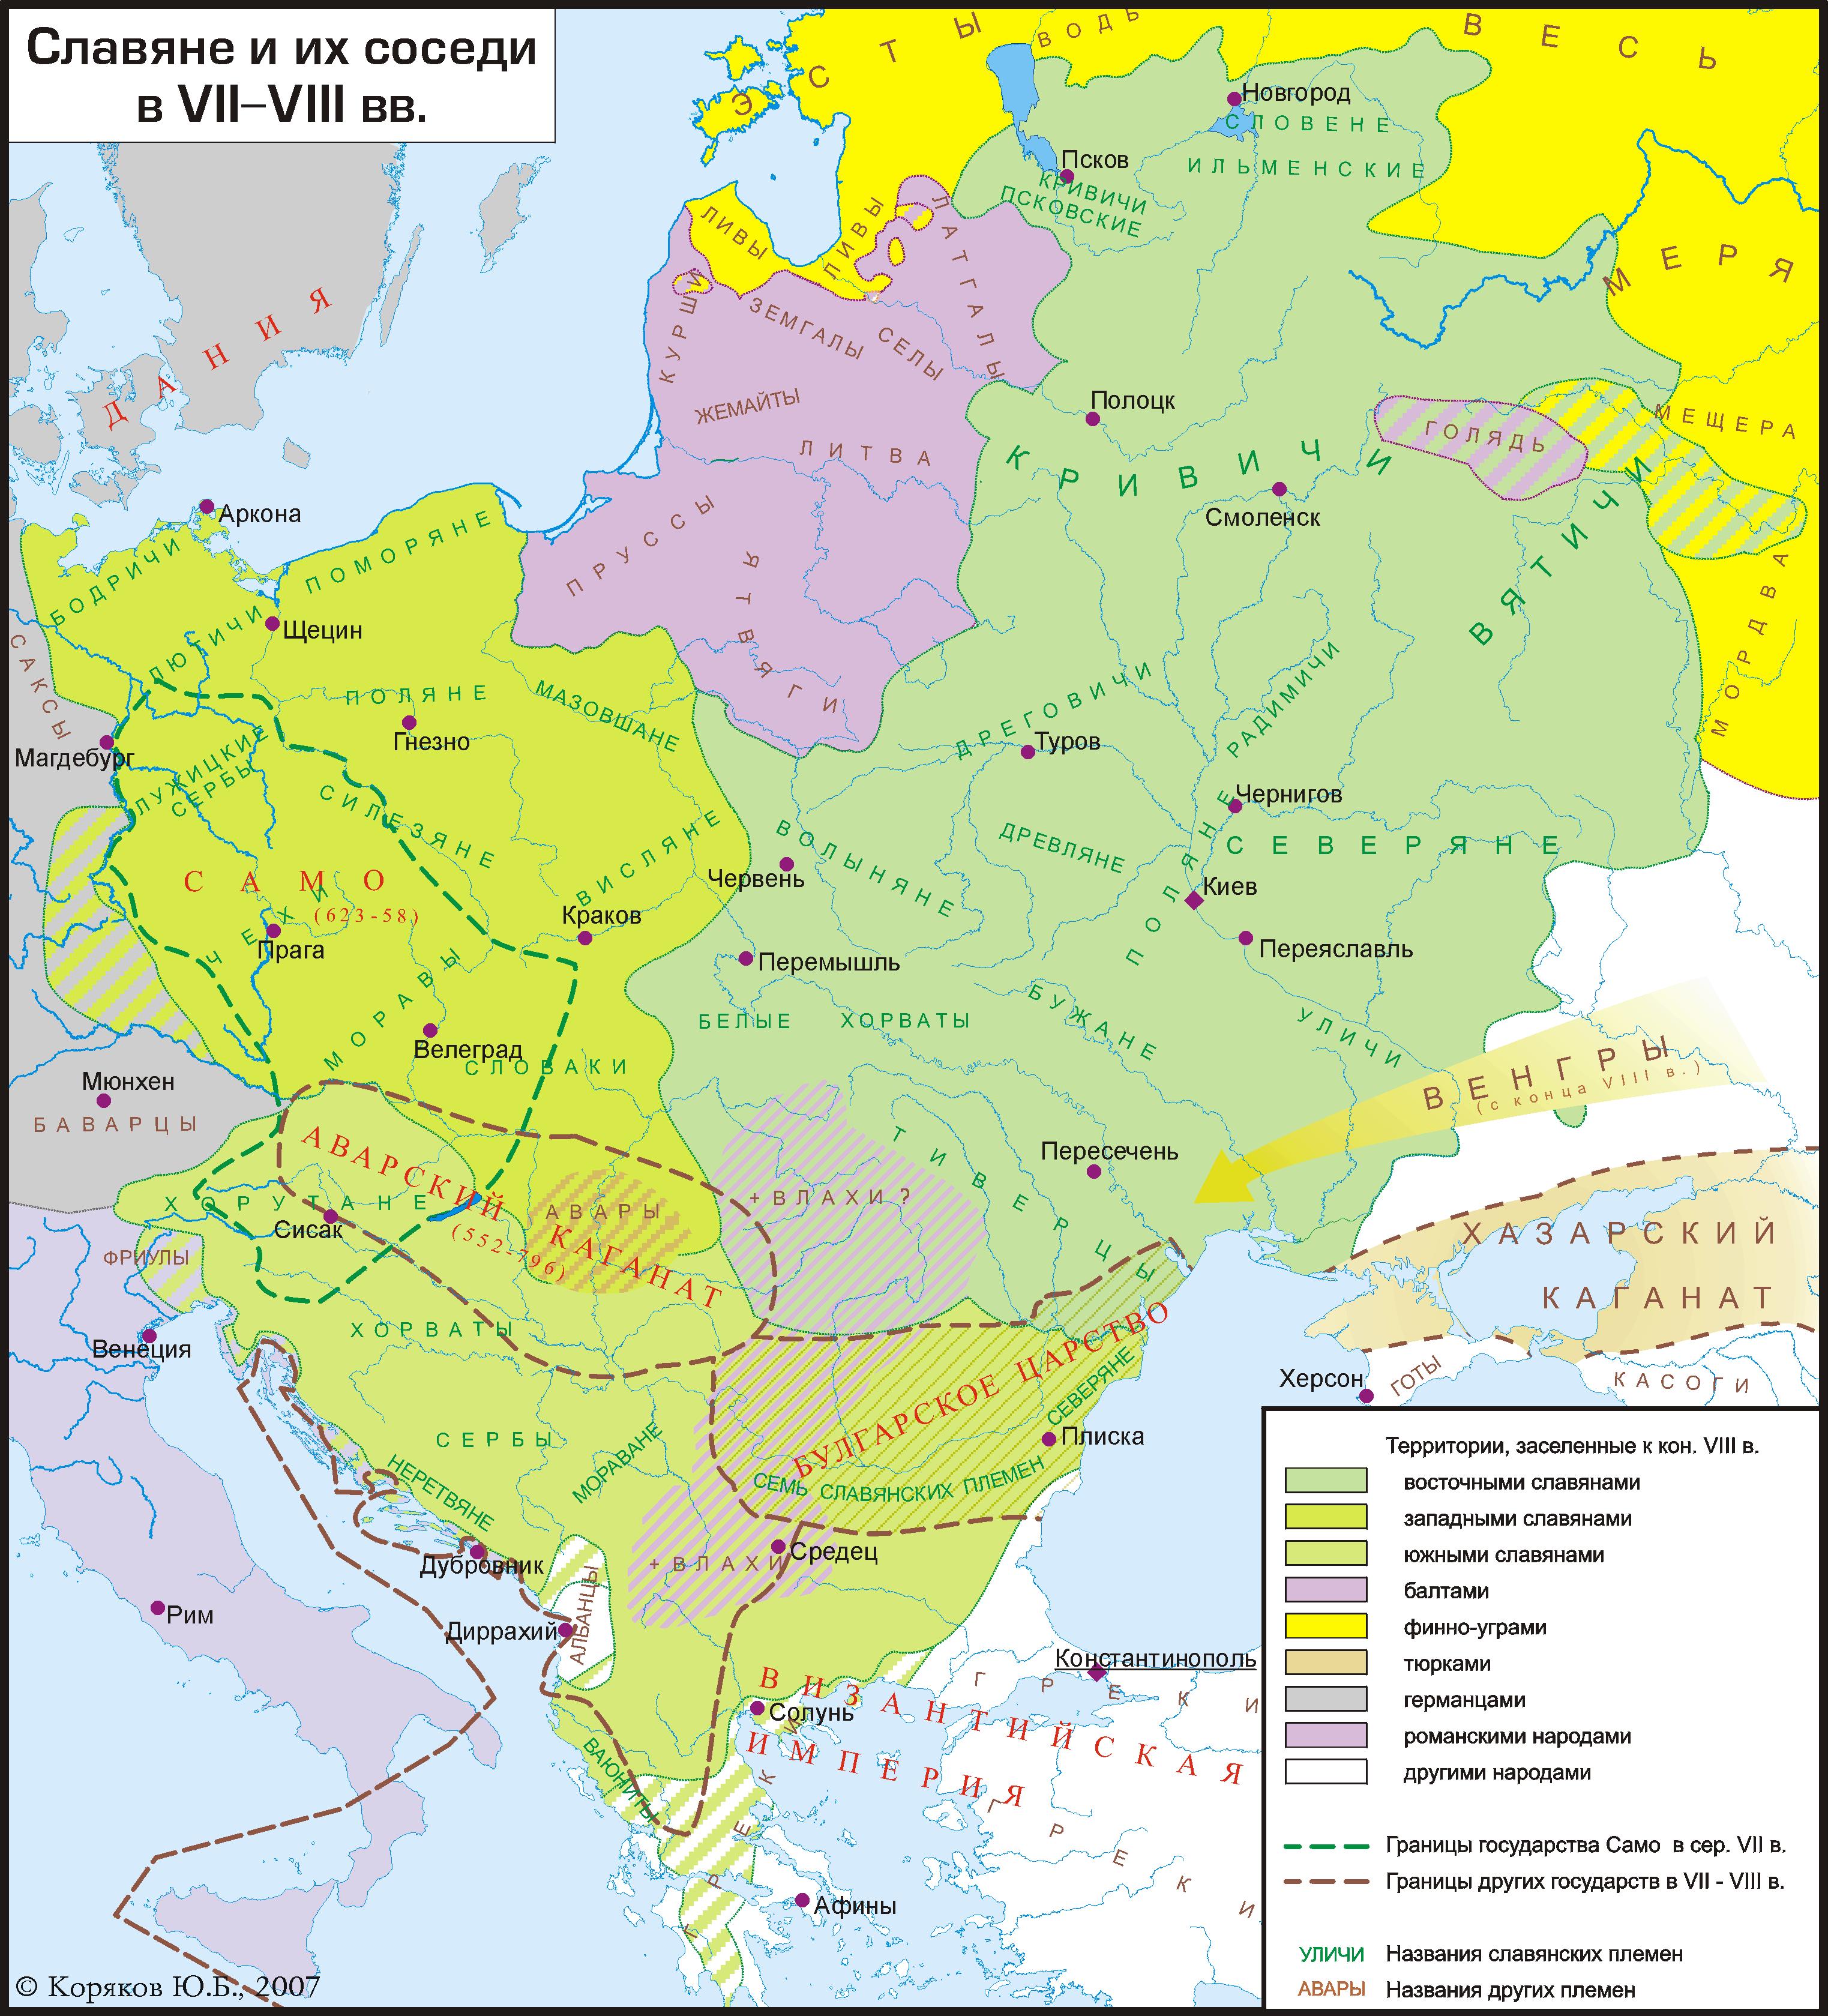 Карта балтийских, финно-угорских и славянских археологических культур на конец VIII века / © Коряков Ю. В., 2007 г.